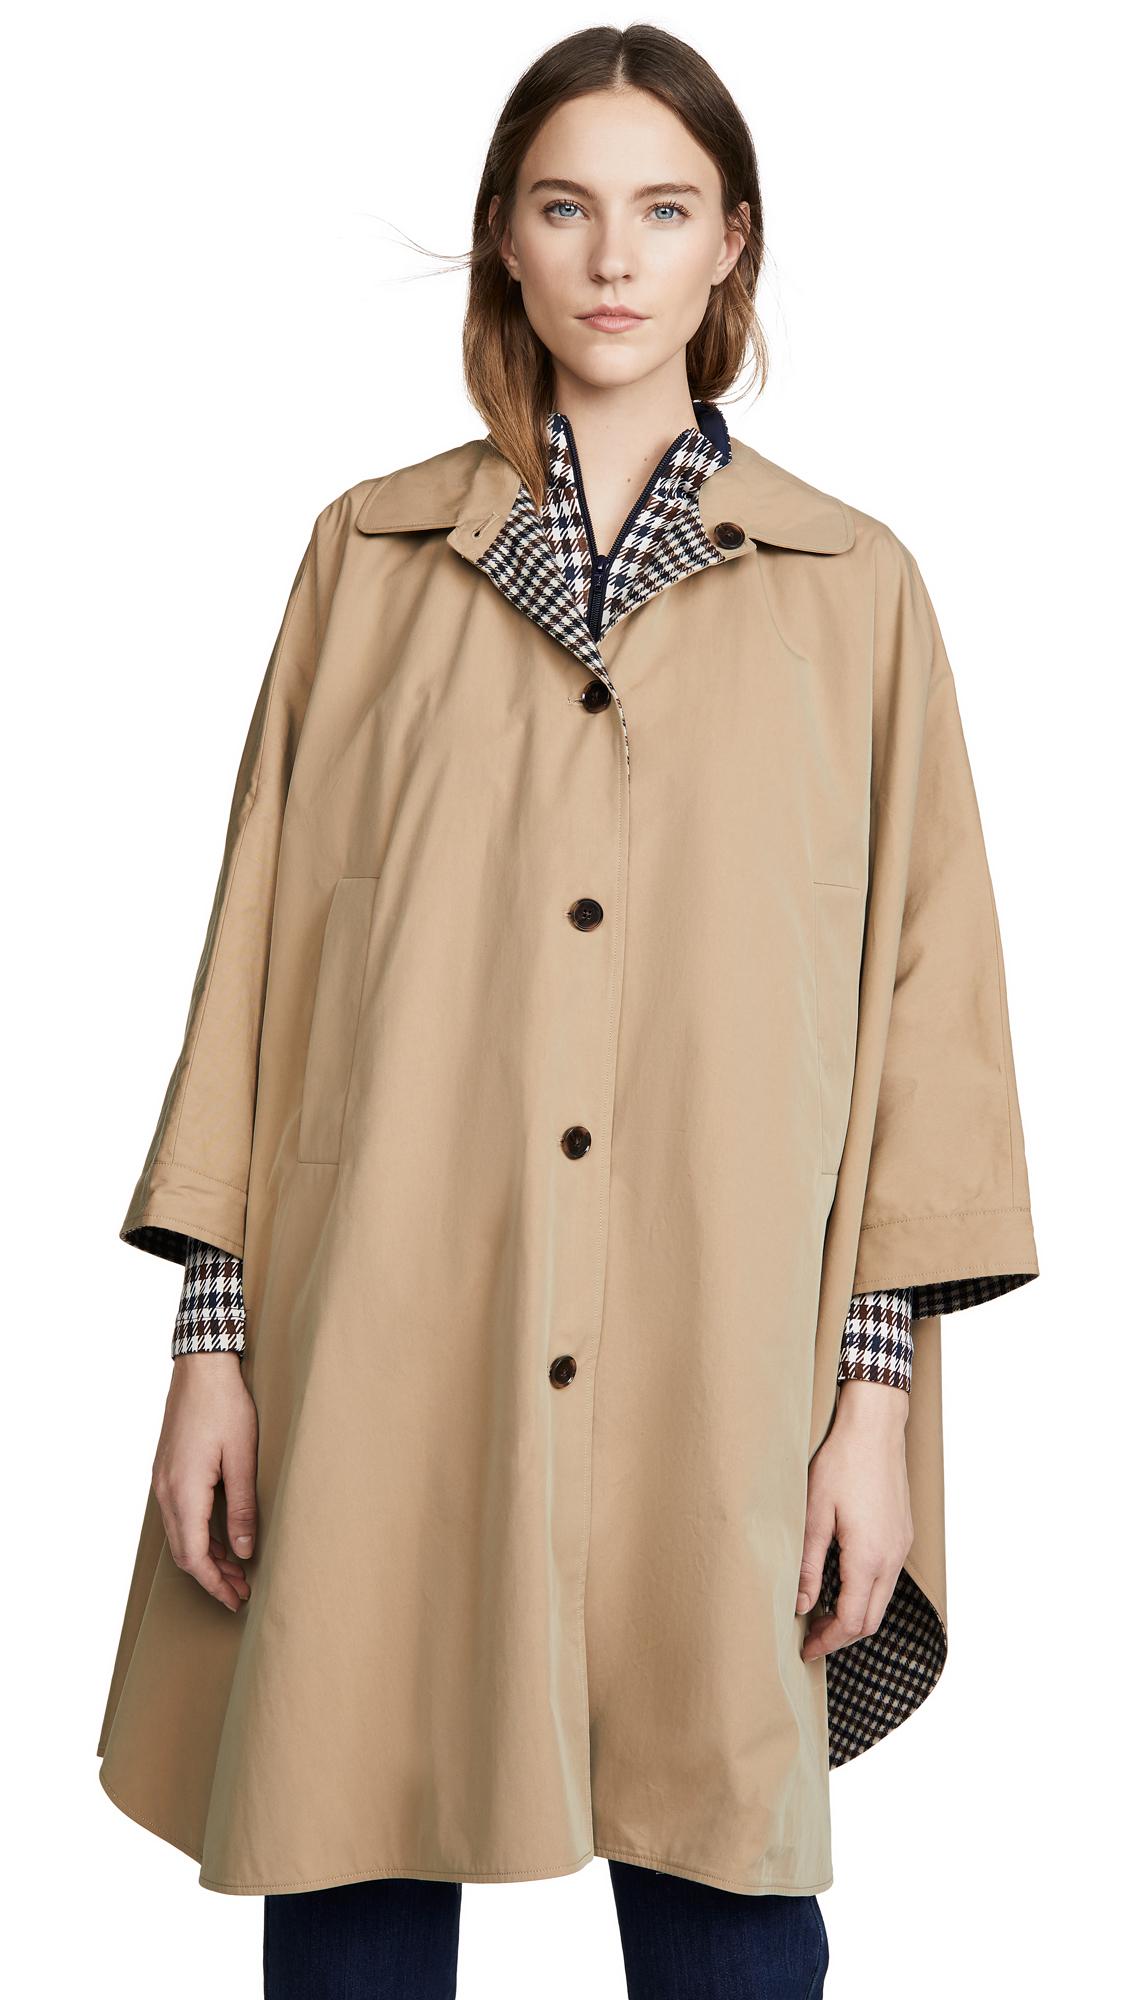 Buy BAUM UND PFERDGARTEN Darlow Trench Coat online beautiful BAUM UND PFERDGARTEN Jackets, Coats, Trench Coats